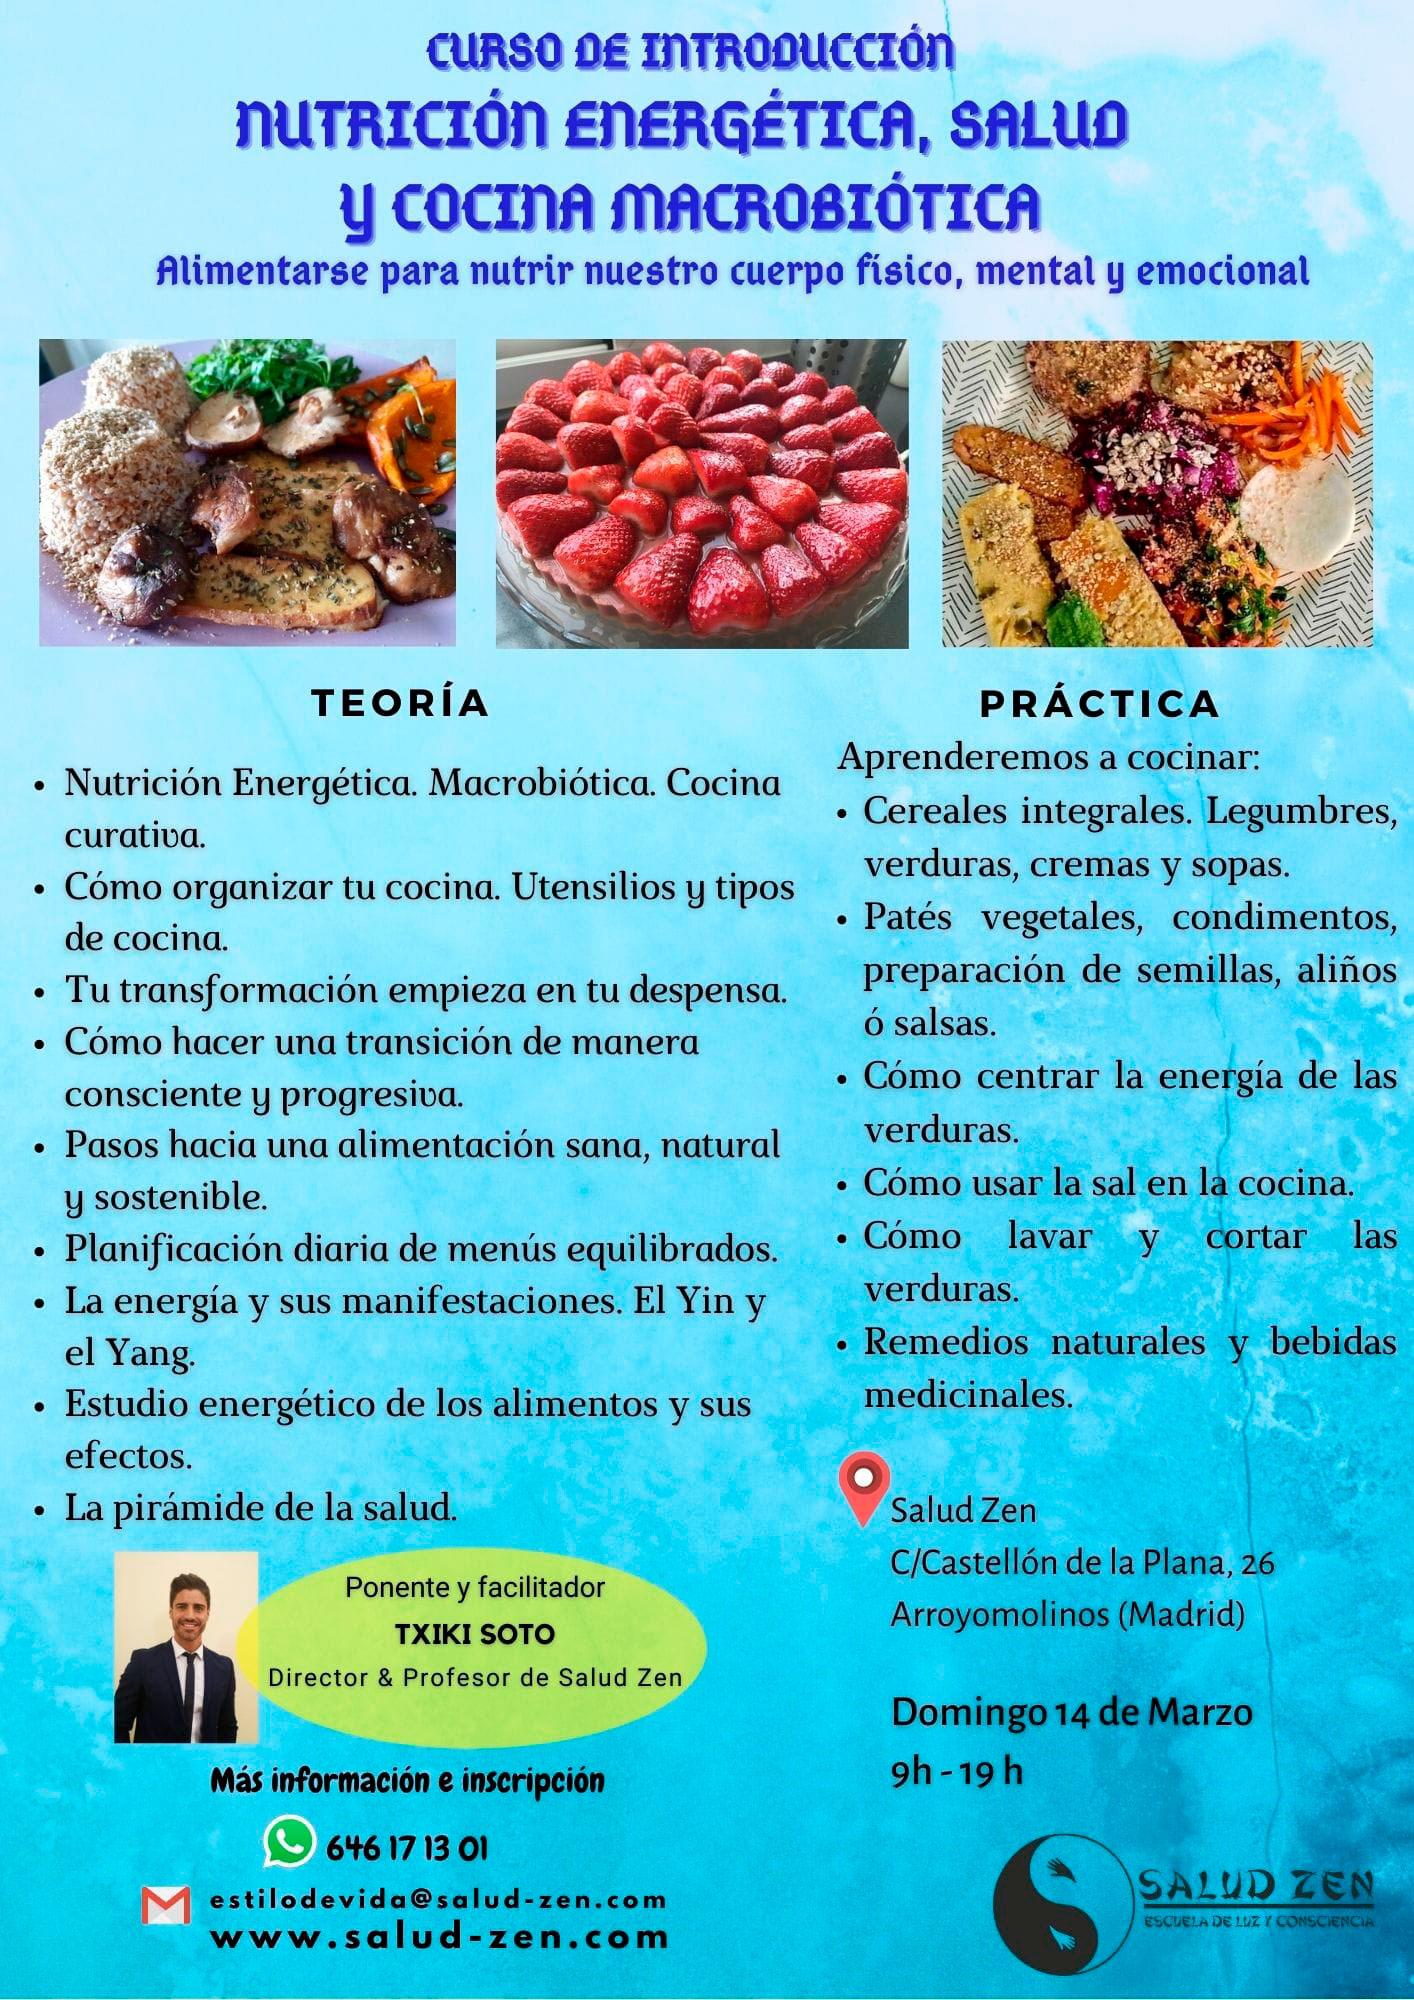 Estilo de vida saludable a través de la alimentación: Curso - Introducción